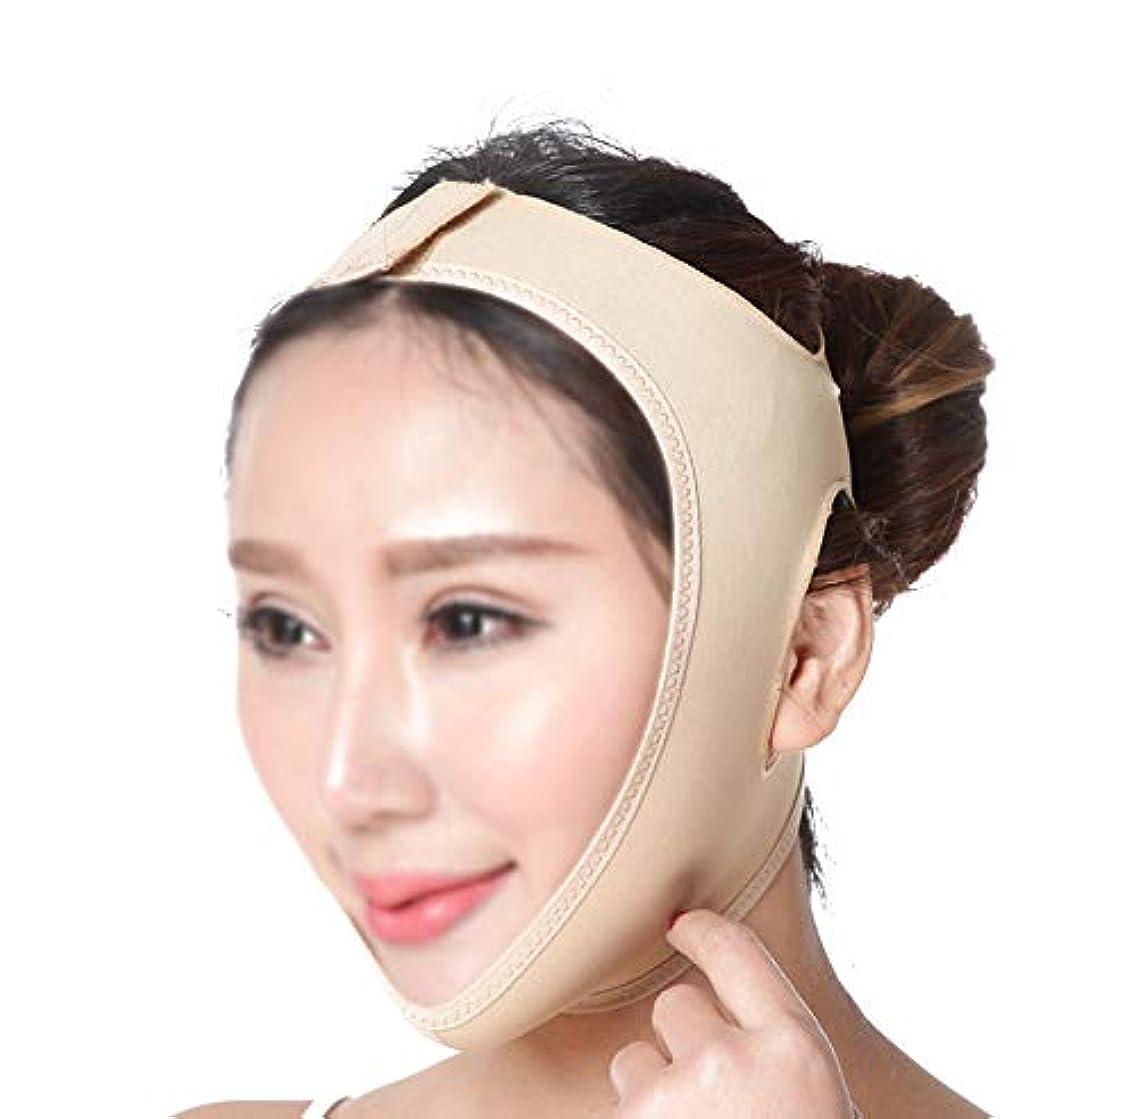 境界電化するアジャ美容顔包帯v顔楽器フェイスマスクアーティファクトフェイスリフト引き締め睡眠ネットワークフェイシャルマッサージ (Size : S)